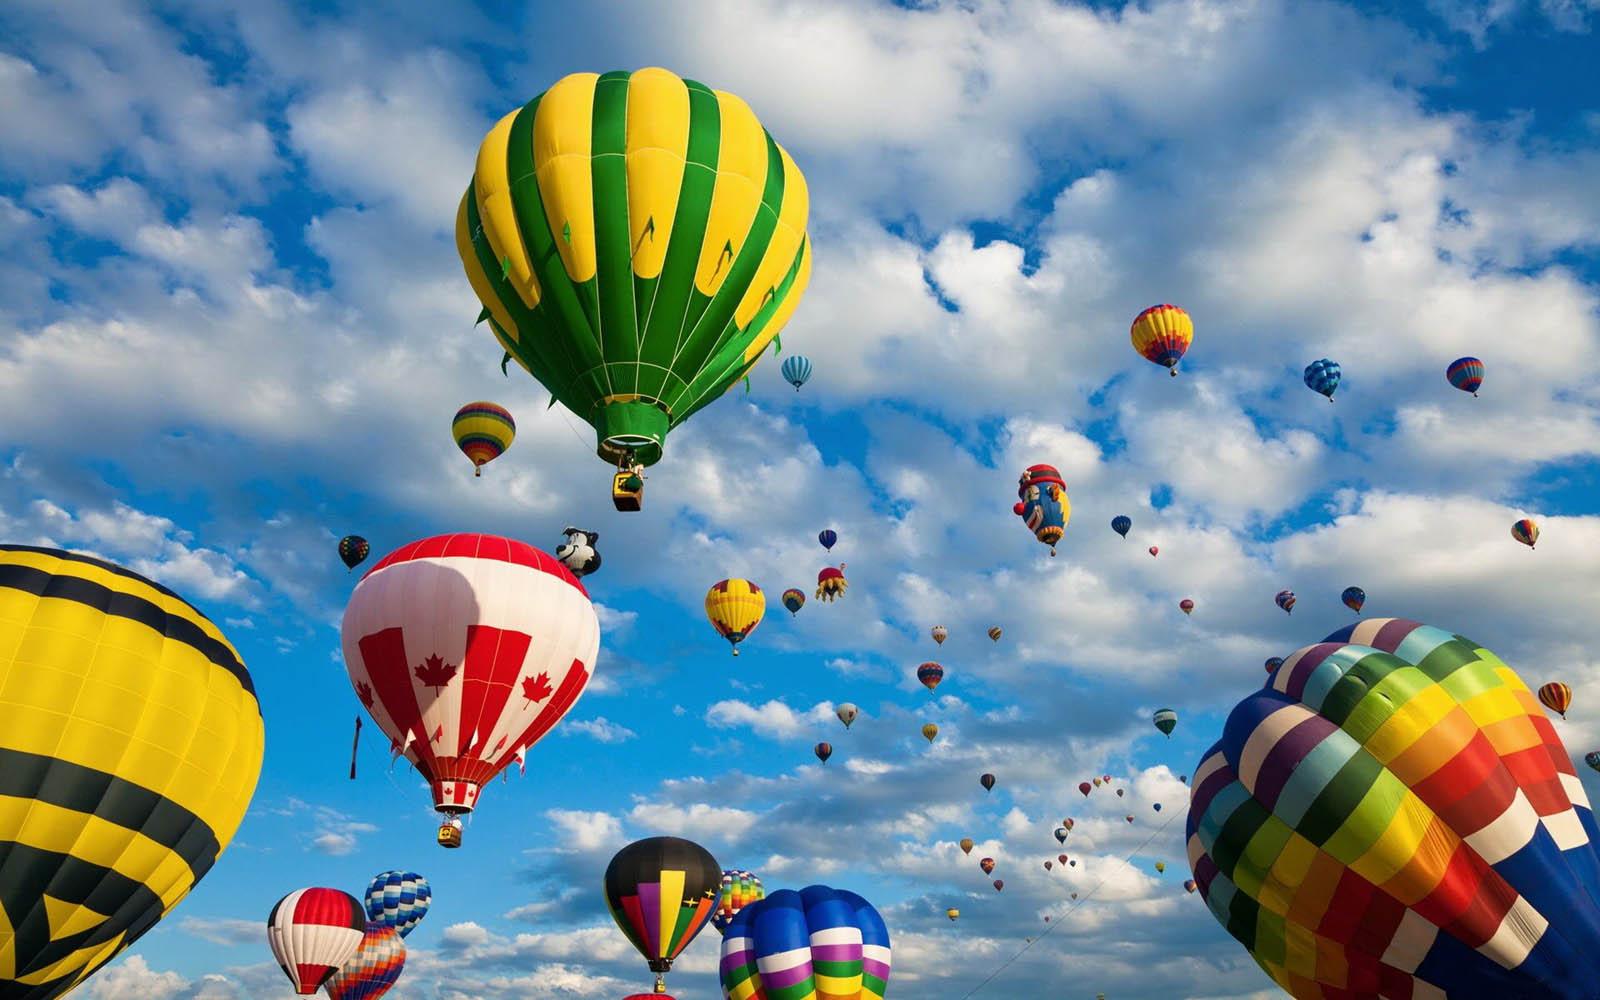 Mewarnai Gambar Balon Udara  Mewarnai Gambar